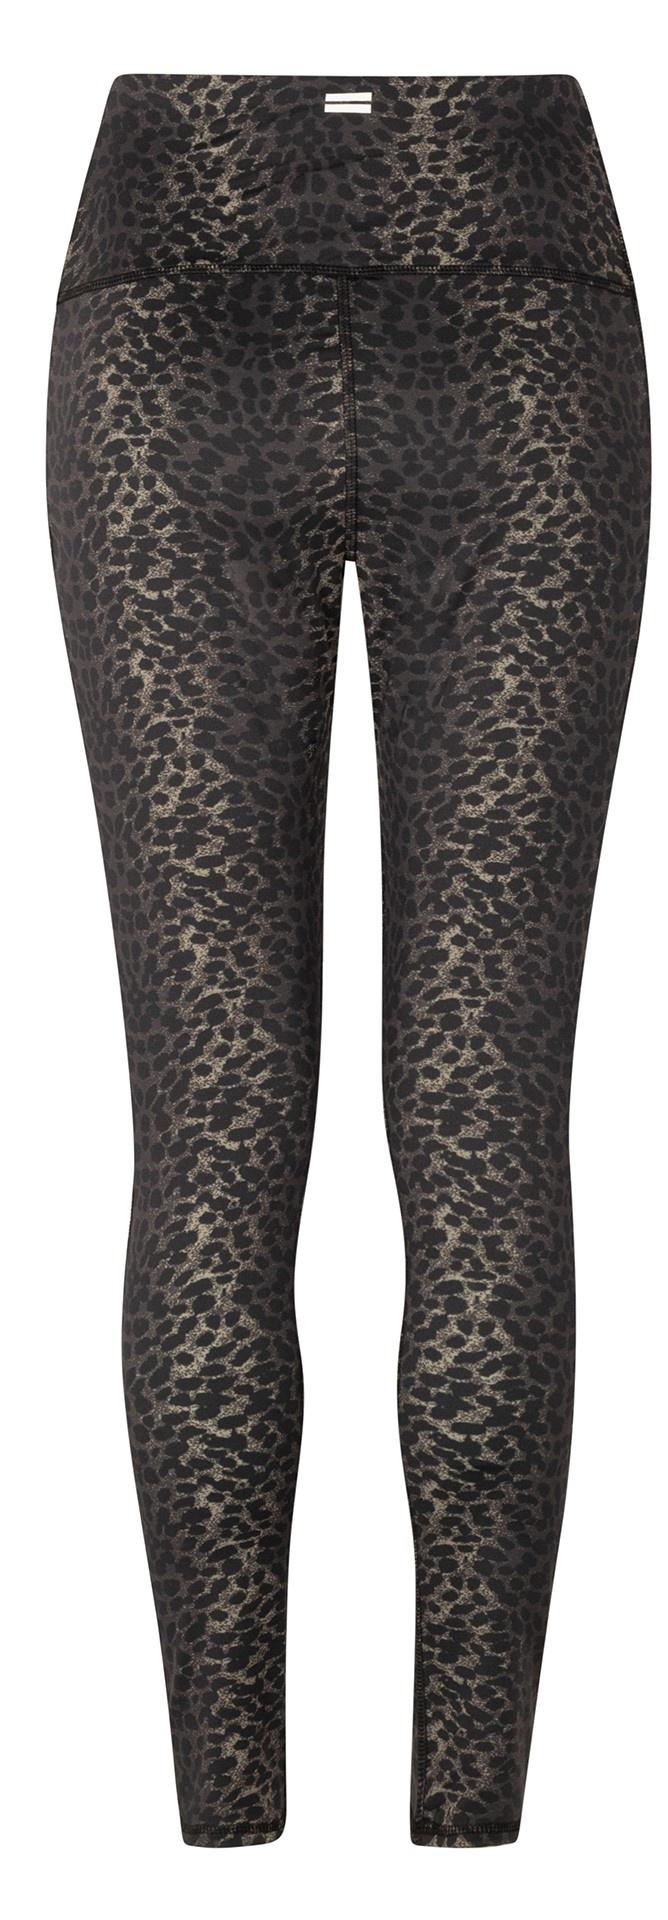 Legging yoga leopard camo desert taupe-3